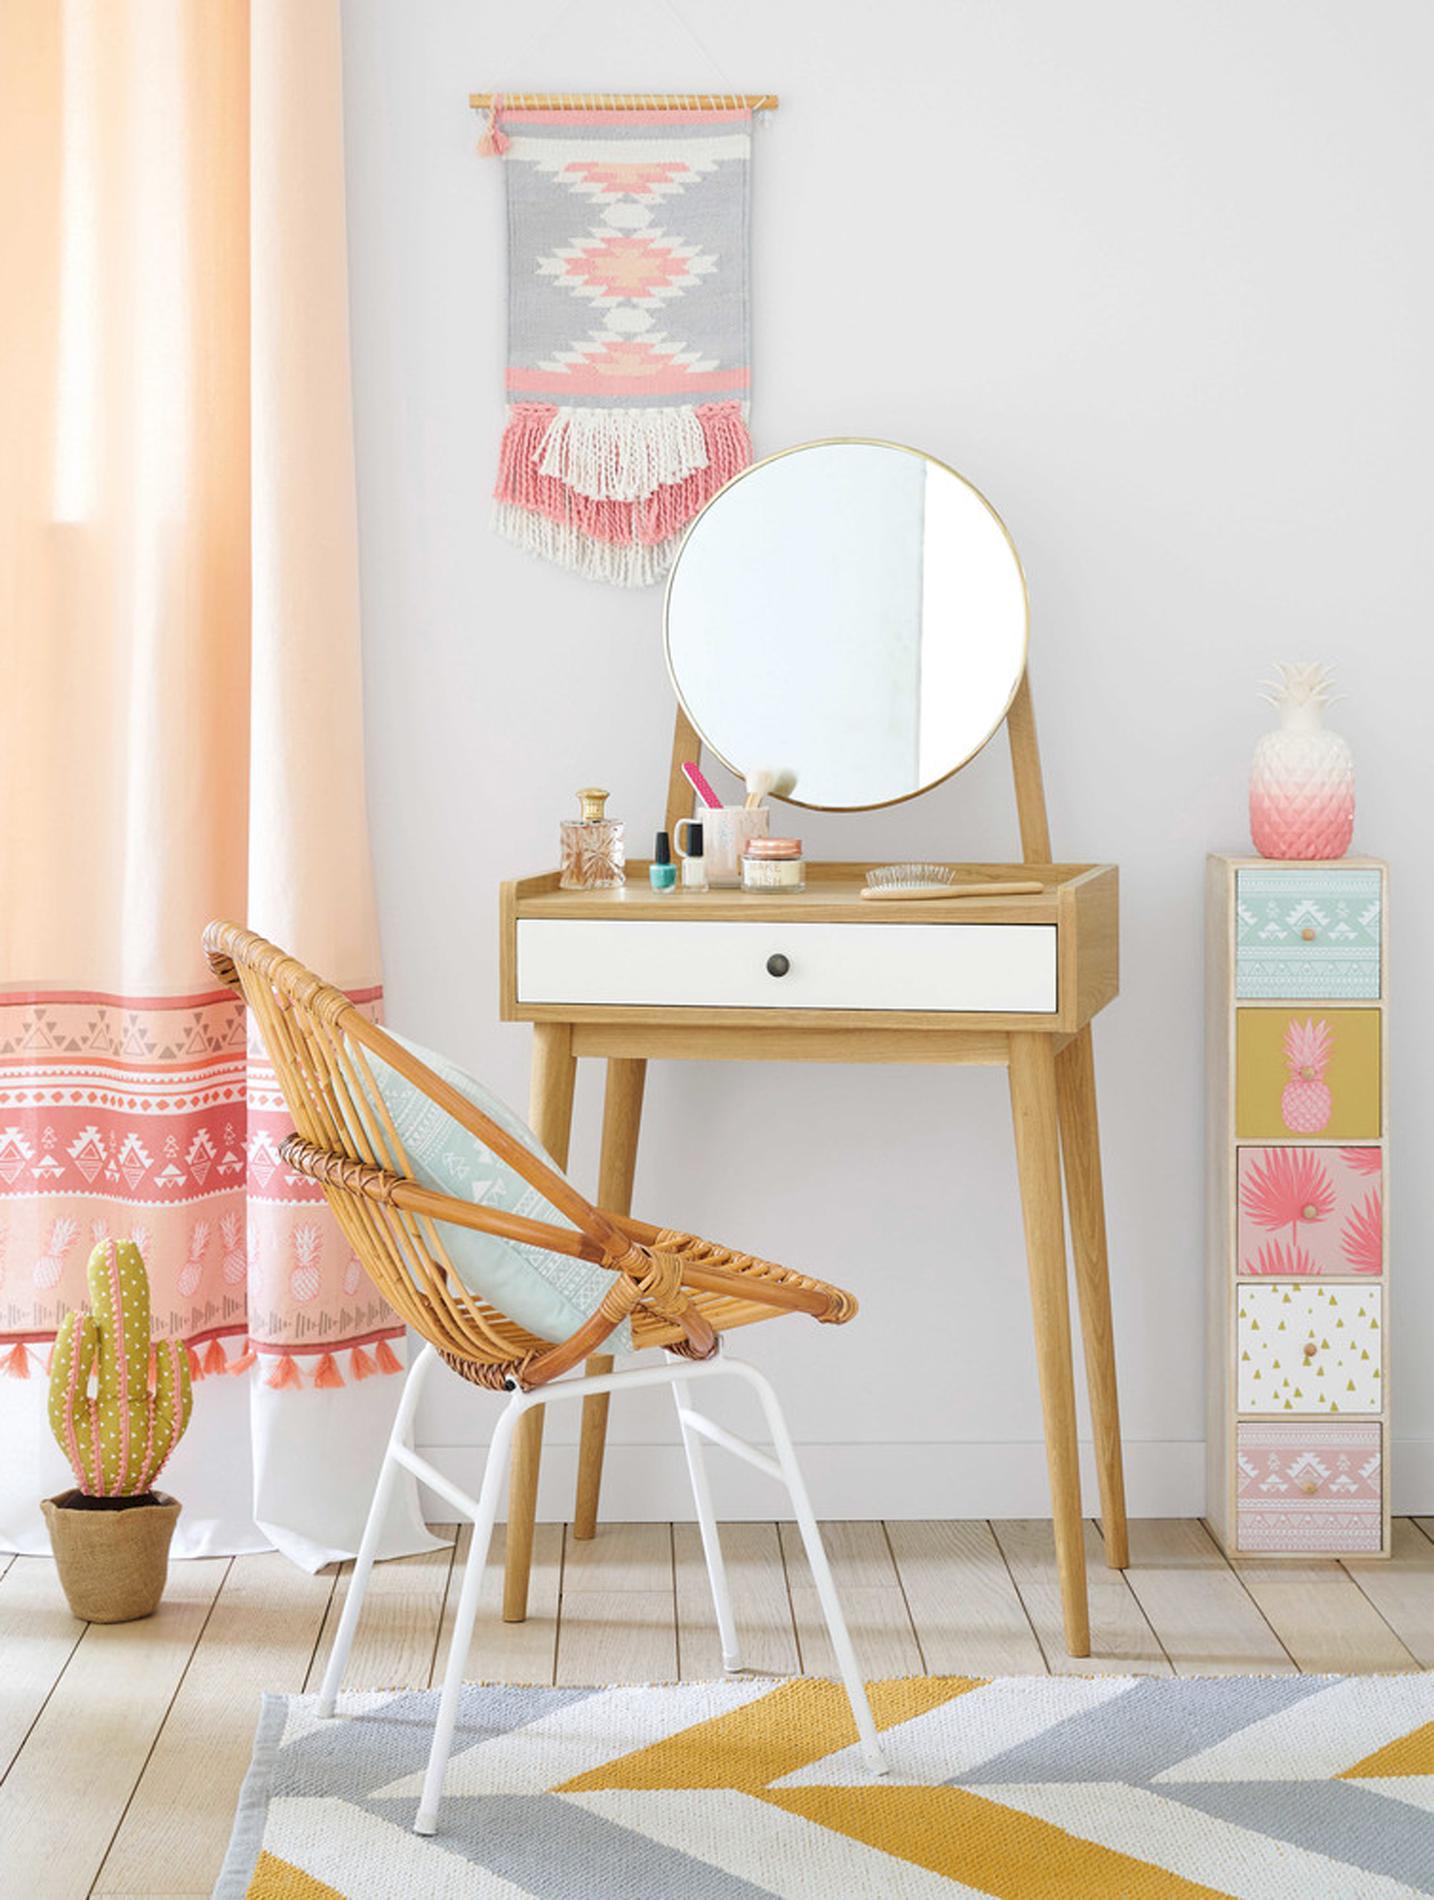 vingt pi ces pour se faire une chambre cocooning madame. Black Bedroom Furniture Sets. Home Design Ideas